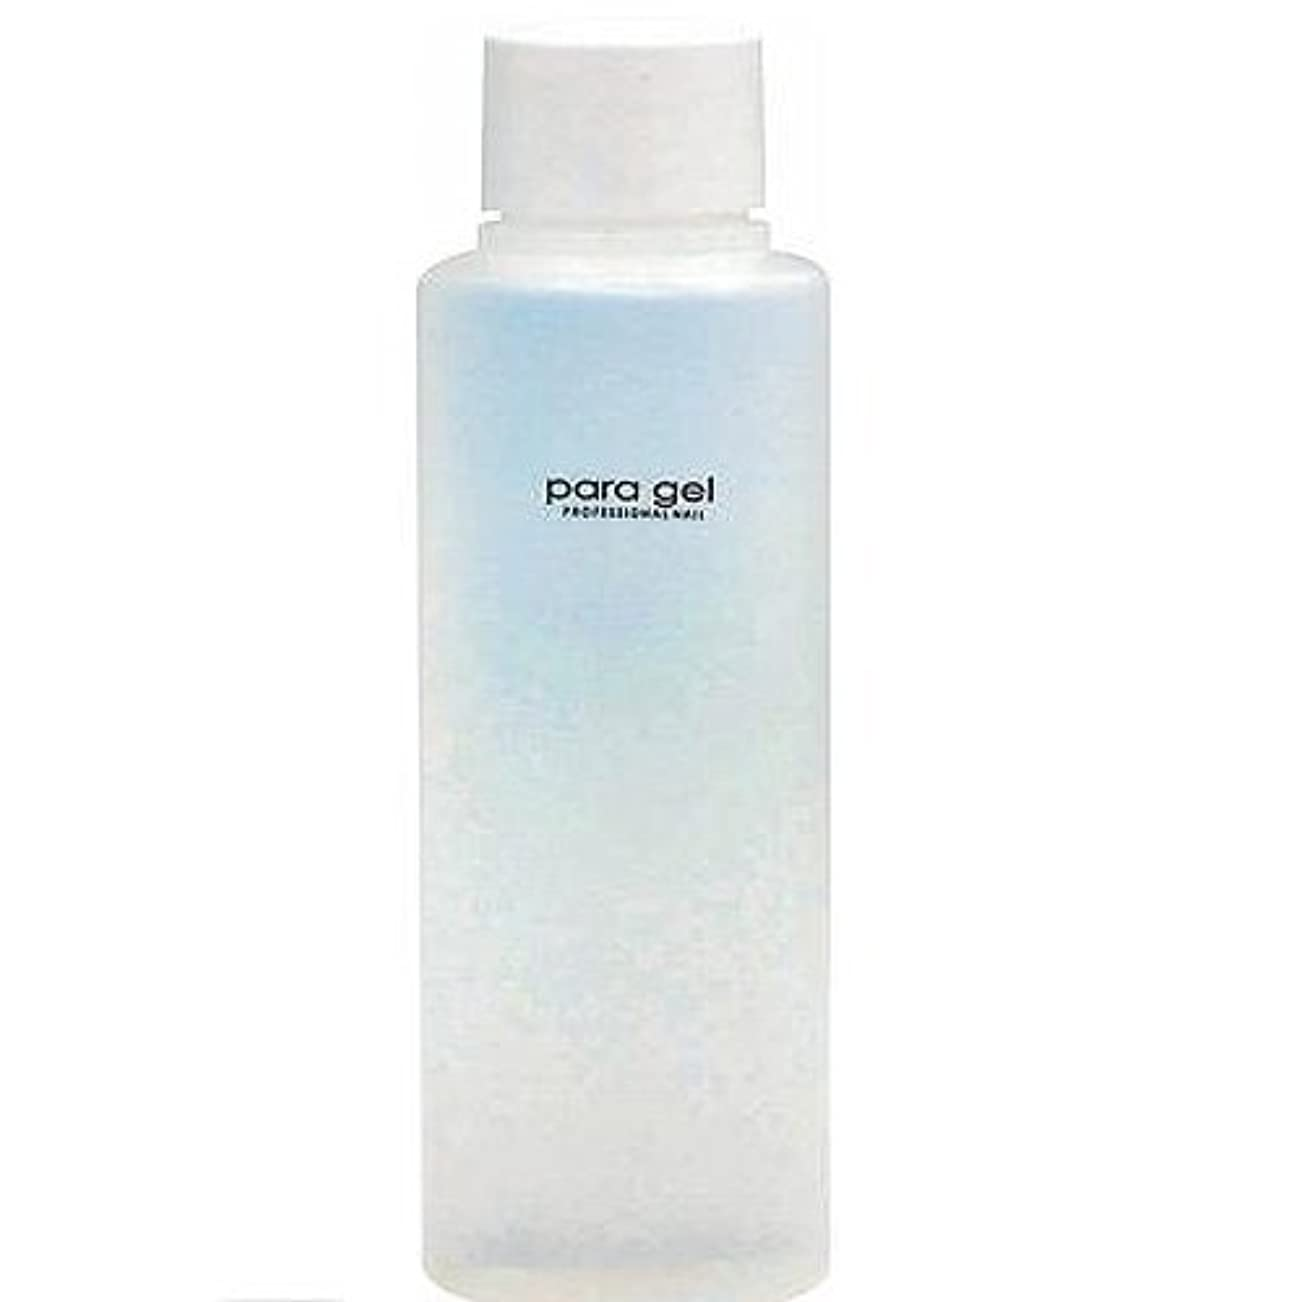 ぶどう気がついてコマースパラジェル(para gel) パラクリーナー 120ml